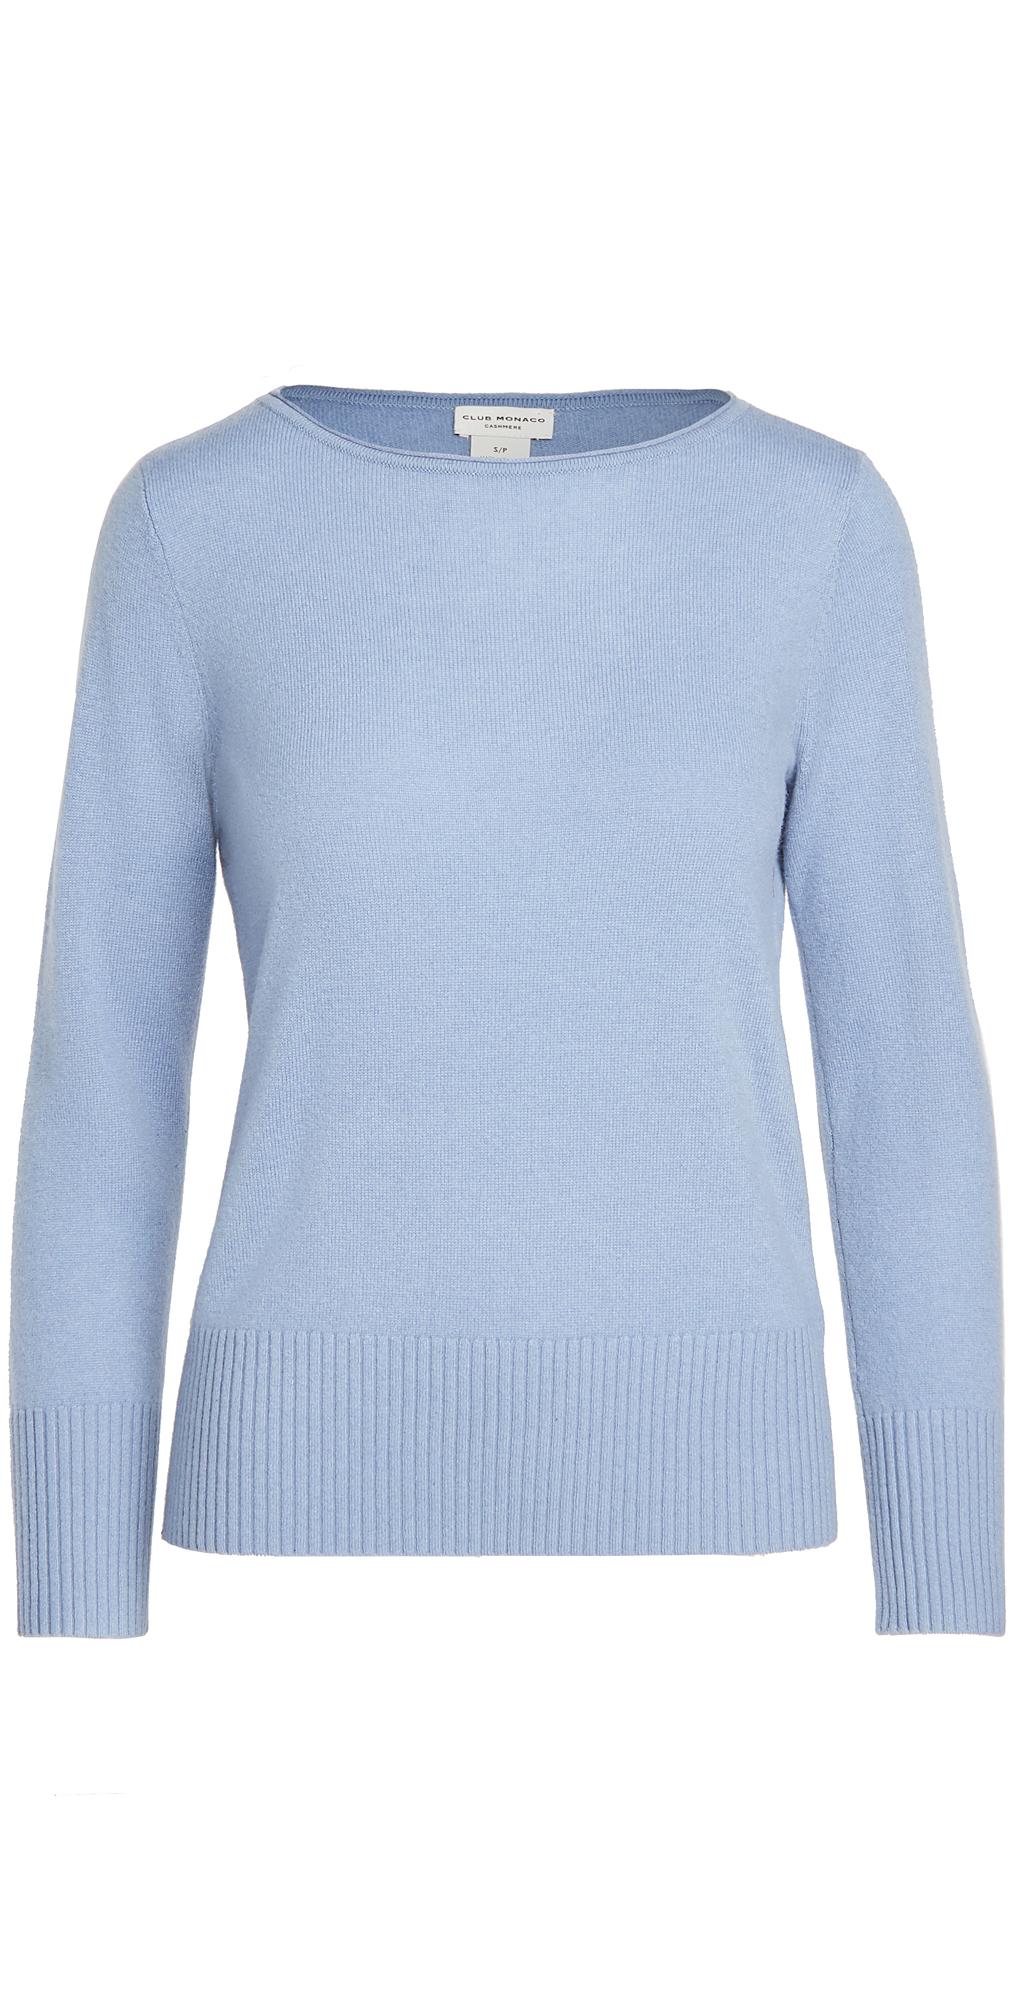 Club Monaco Essential Open Cashmere Sweater